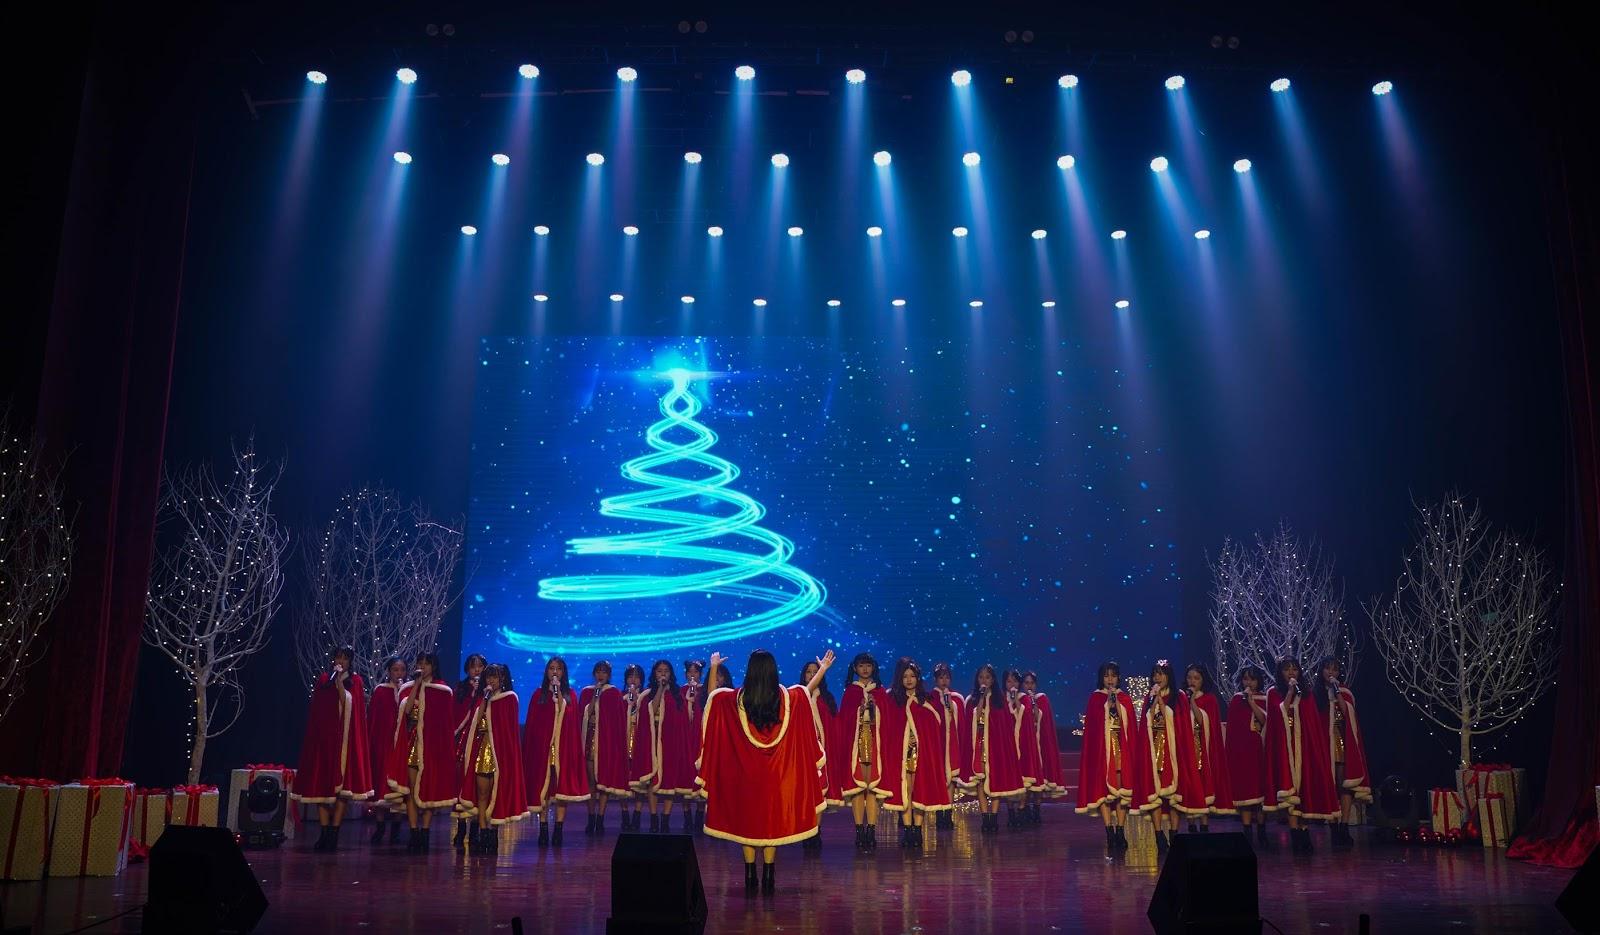 Nhóm nhạc con nhà giàu chiêu đãi fan bằng bữa tiệc âm nhạc giáng sinh, kỷ niệm 1 năm Debut tại Việt Nam - Hình 1